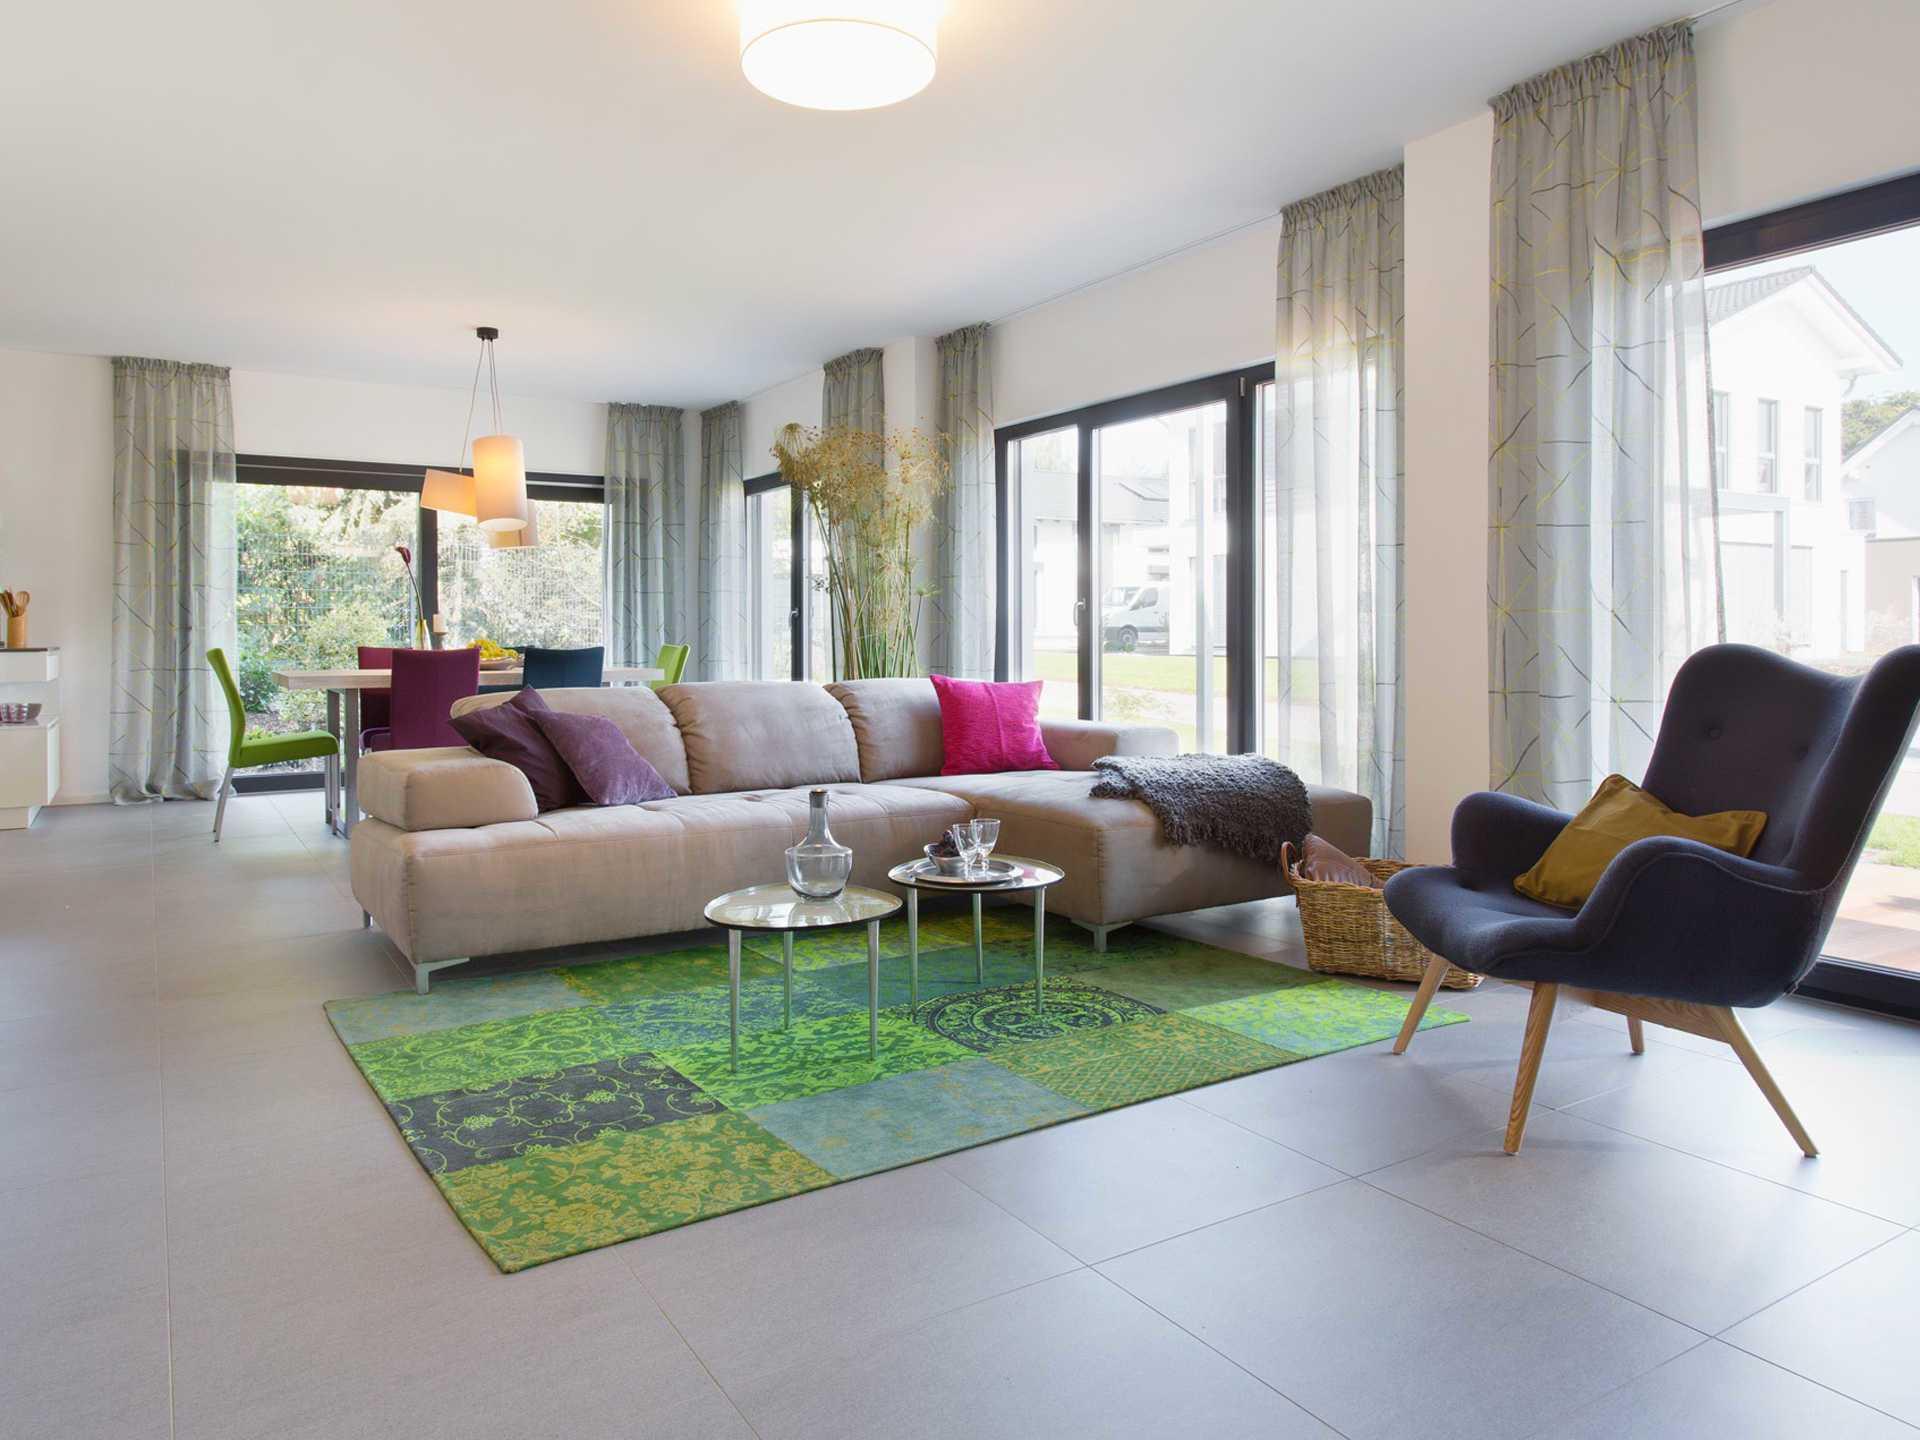 Einfamilienhaus R 140.20 Wohnzimmer